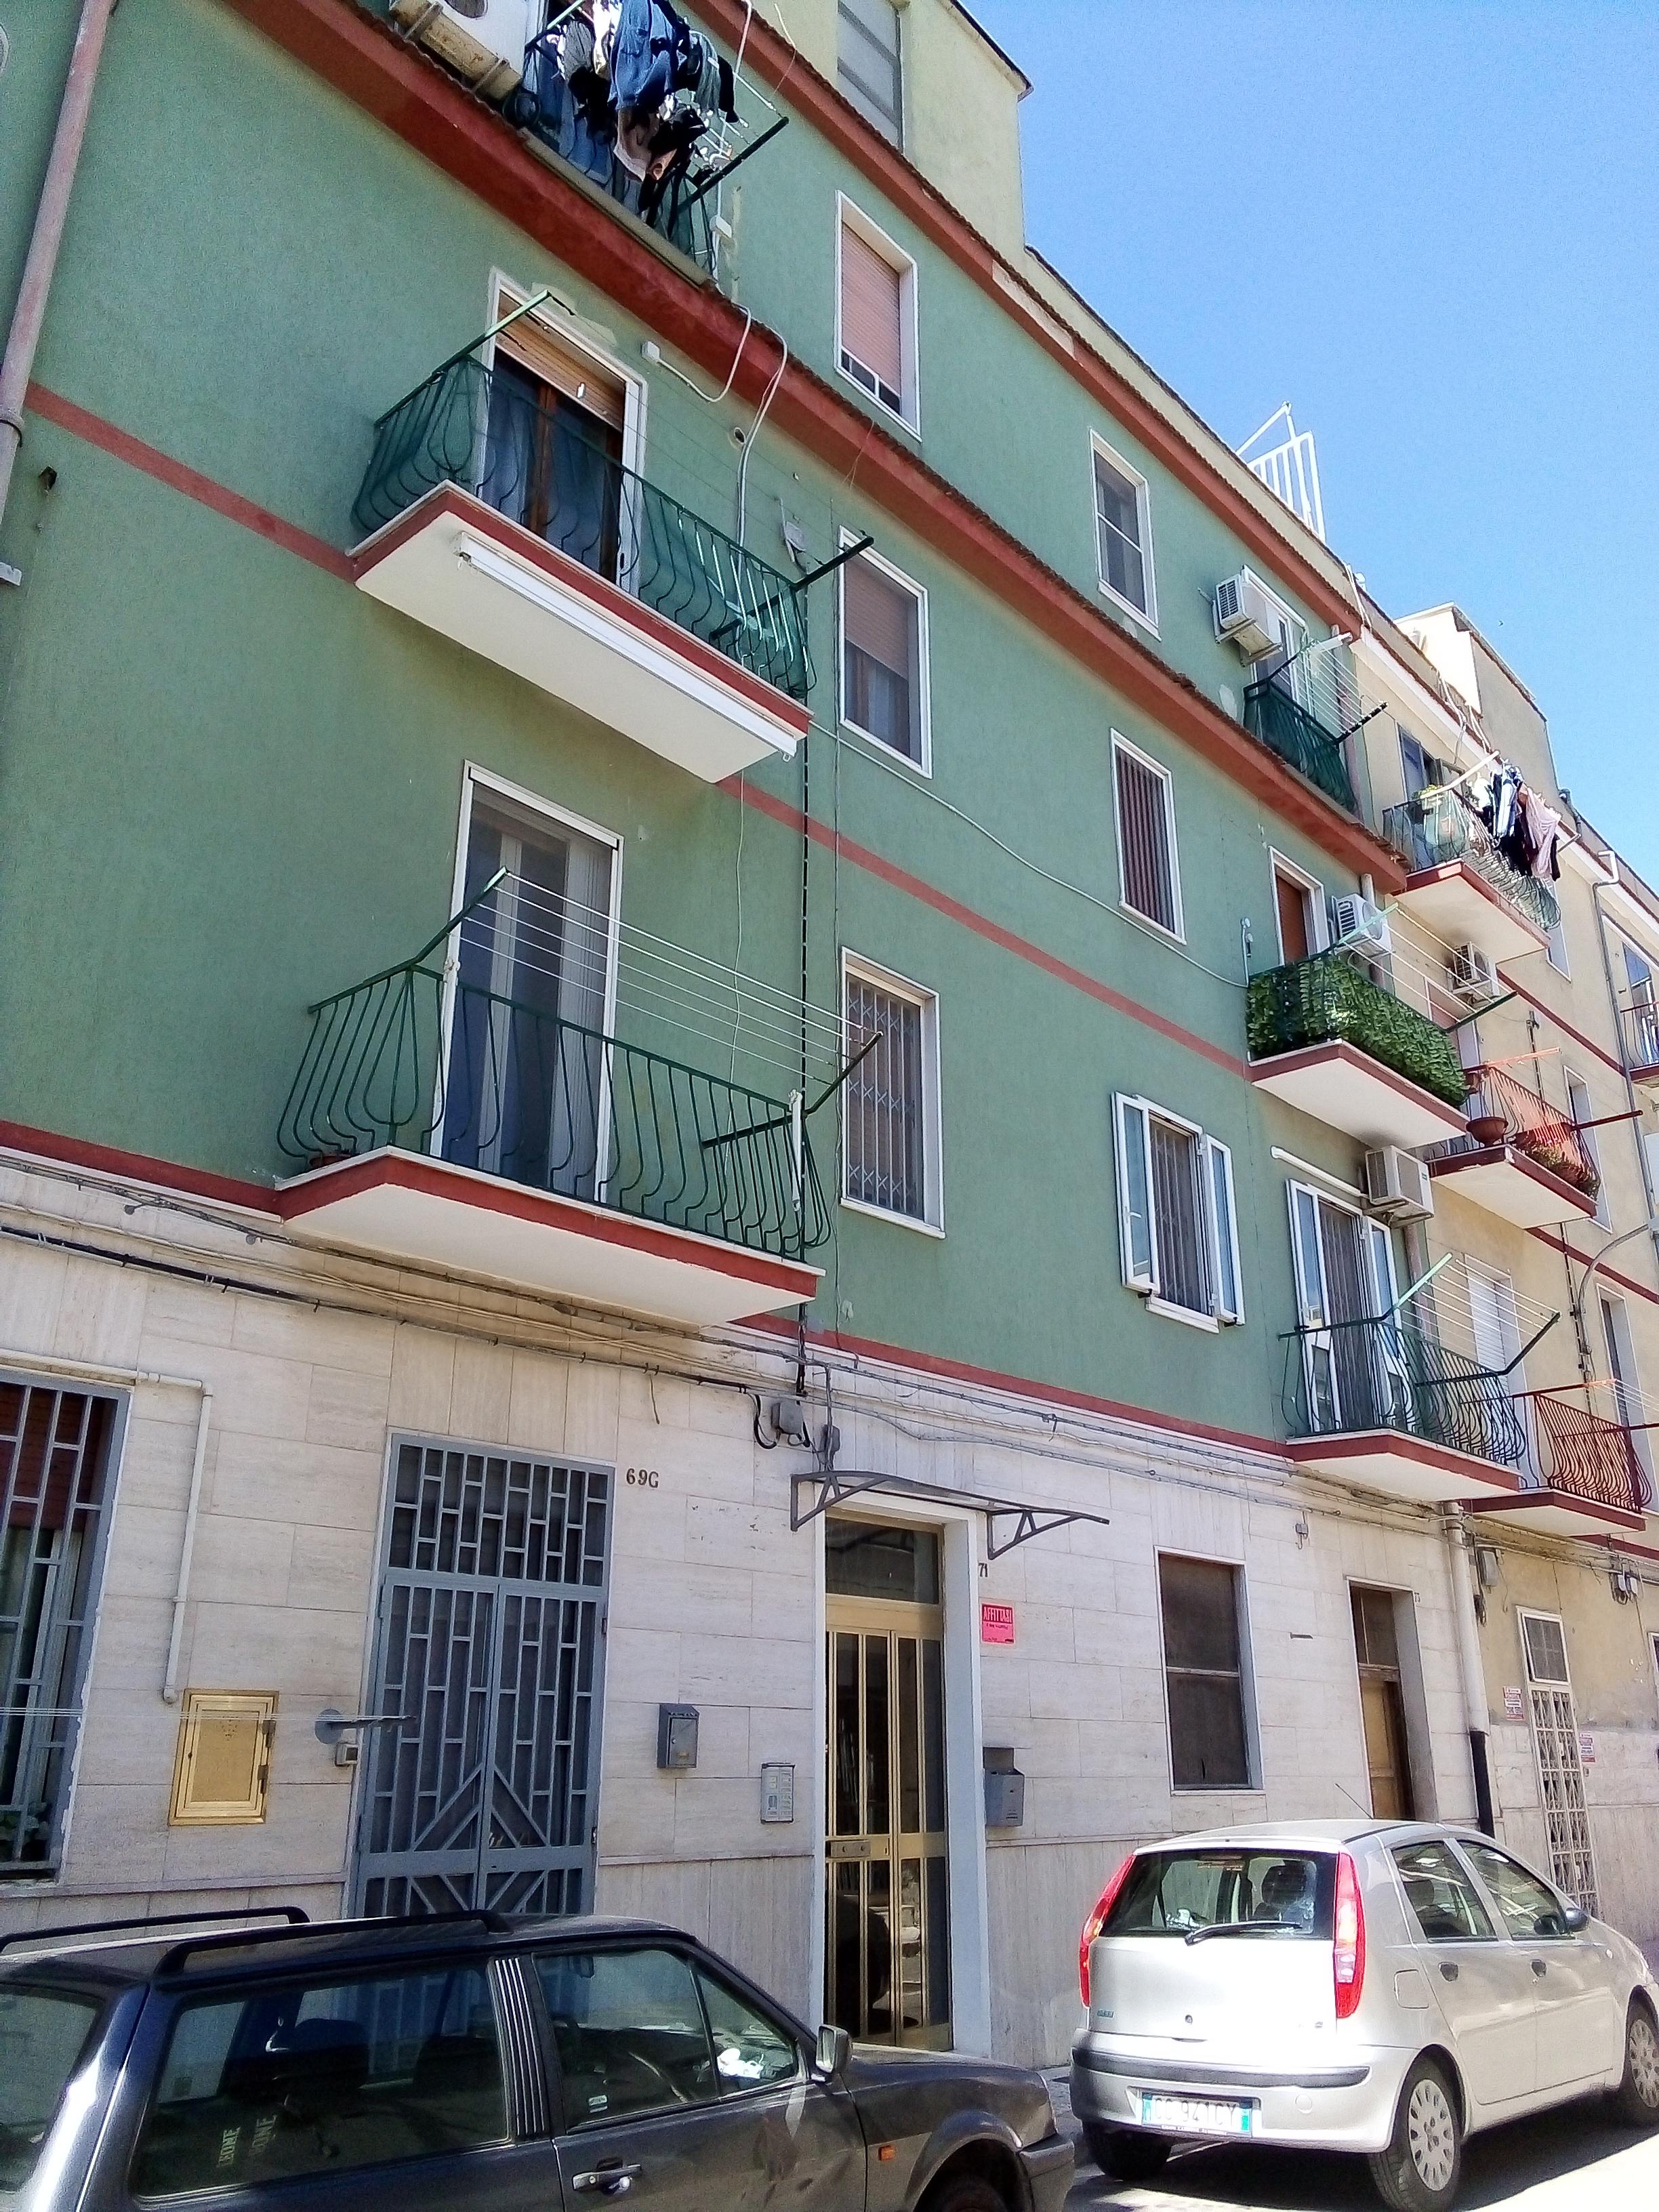 Attico in vendita a Foggia- In via Corona attico 3 vani accessori e terrazzo